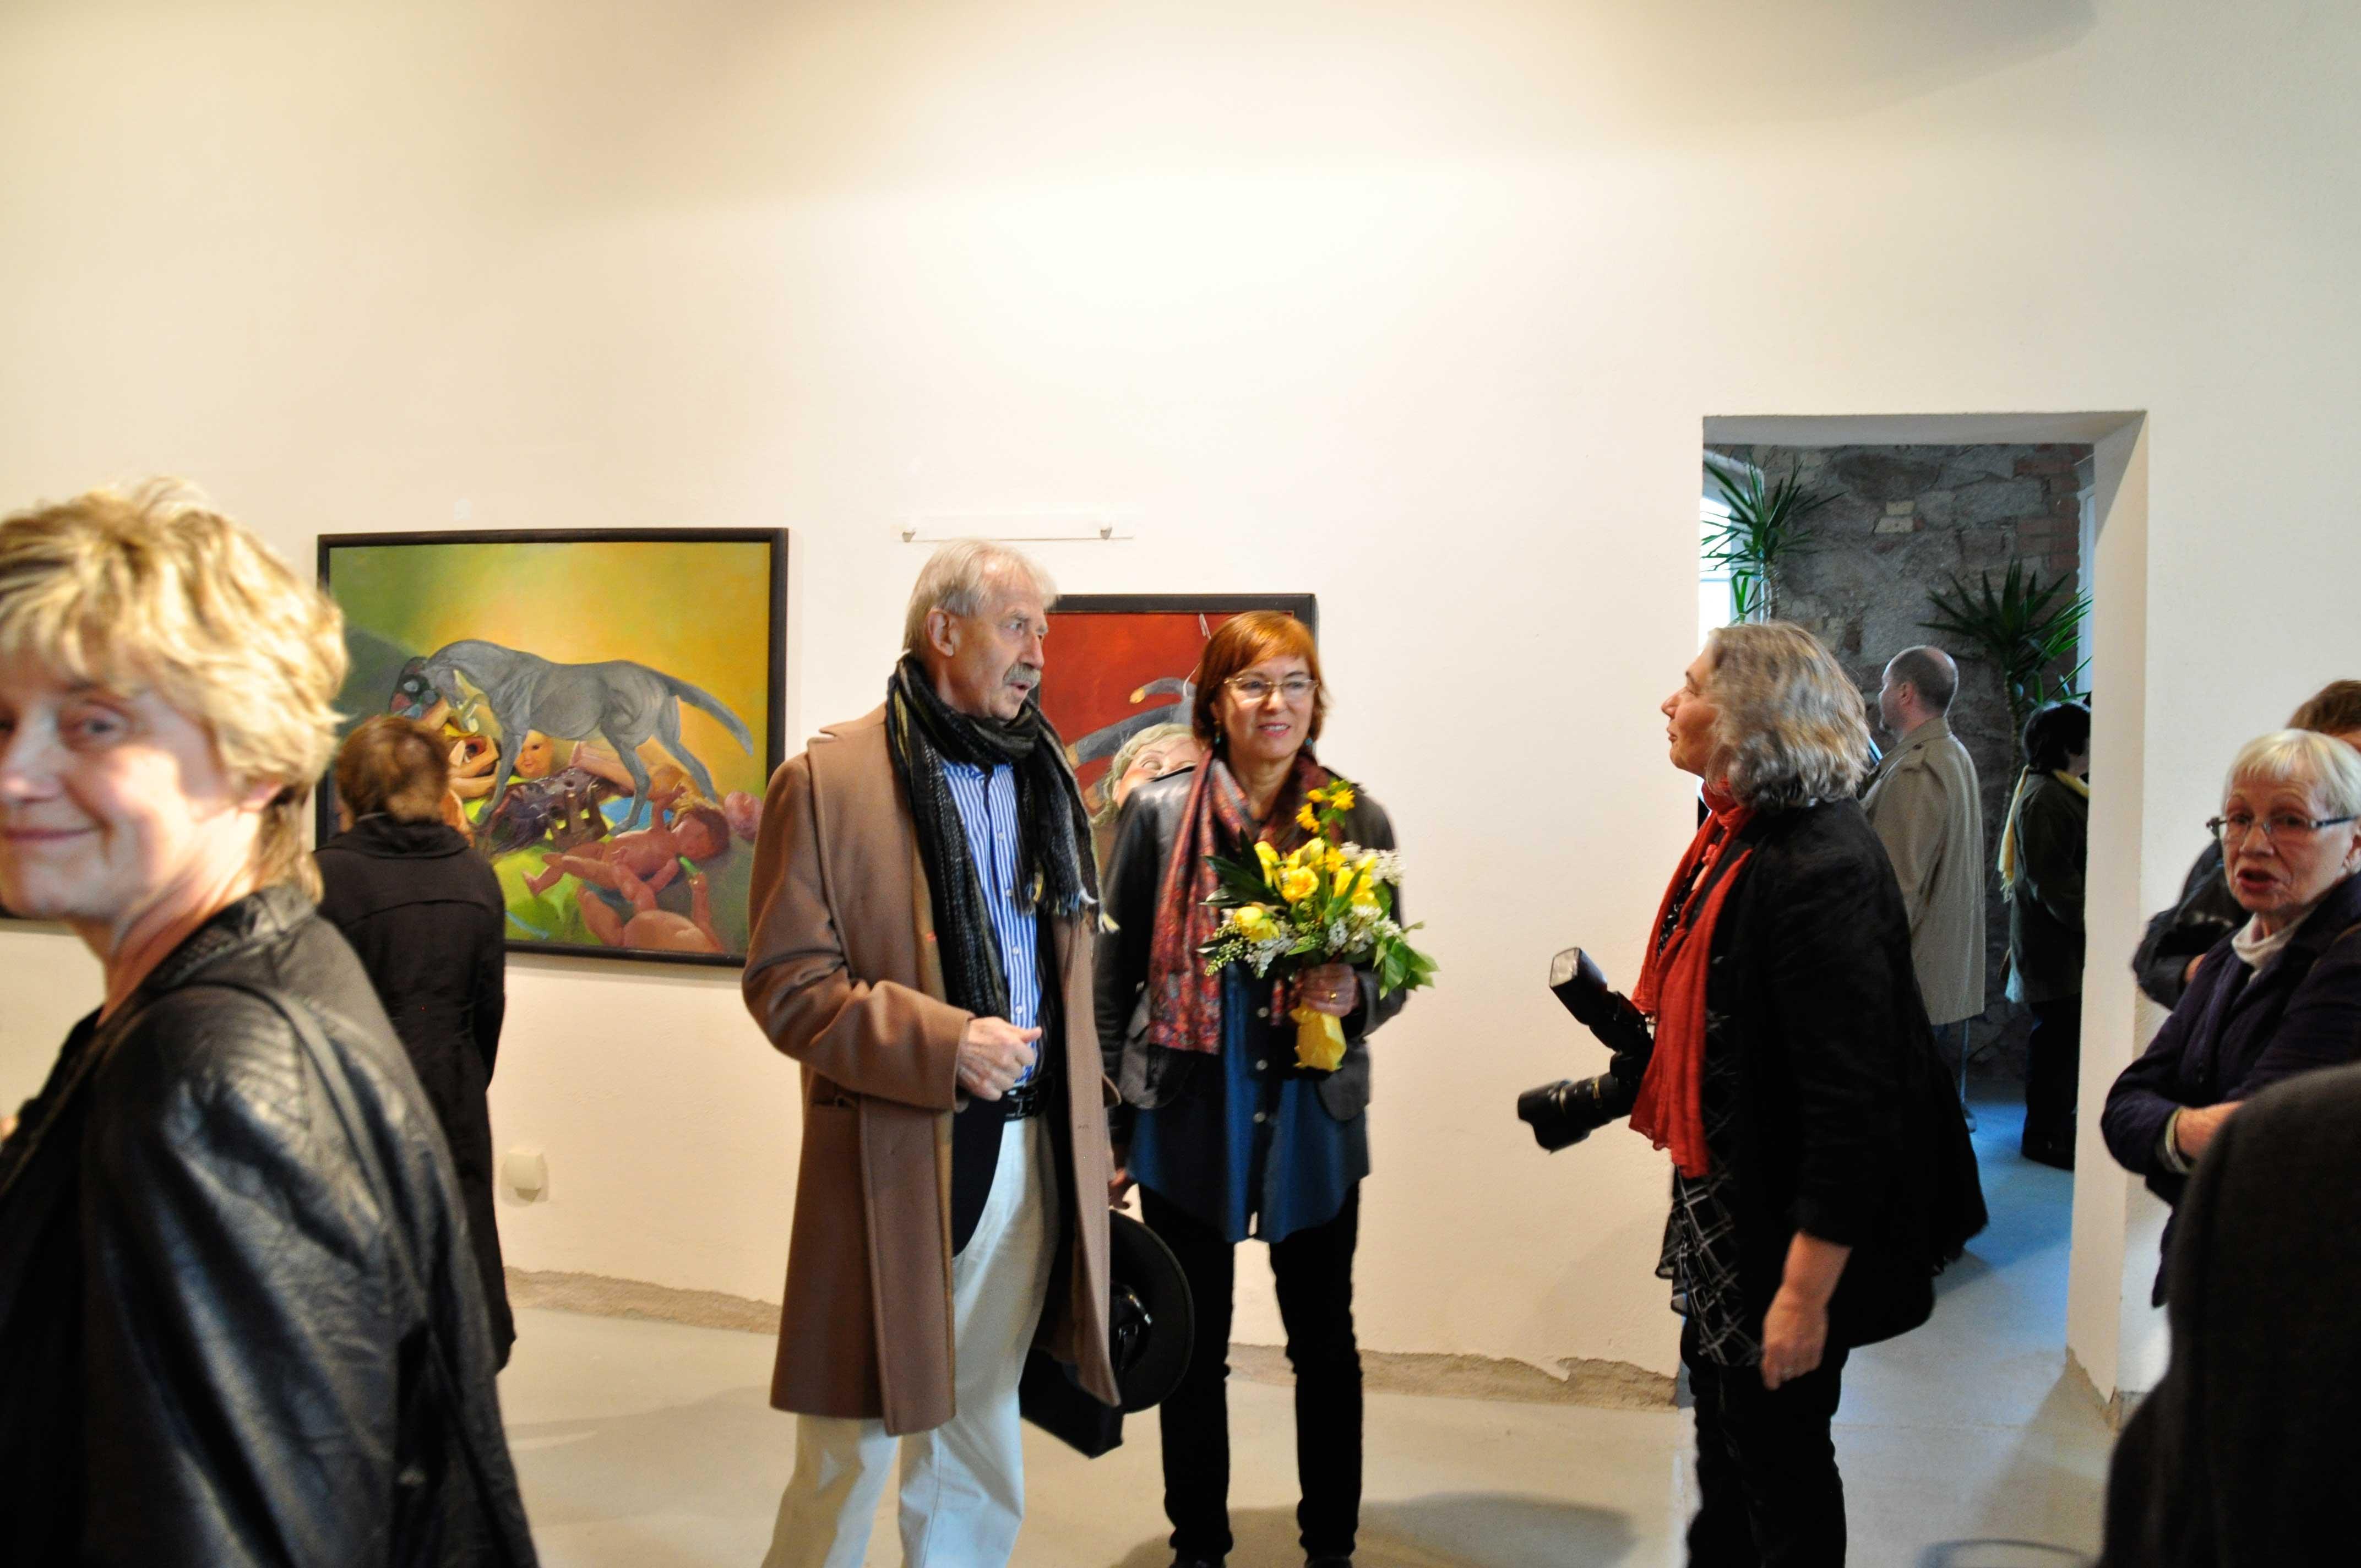 Vernissage der Ausstellung, © VG Bild-Kunst, Bonn